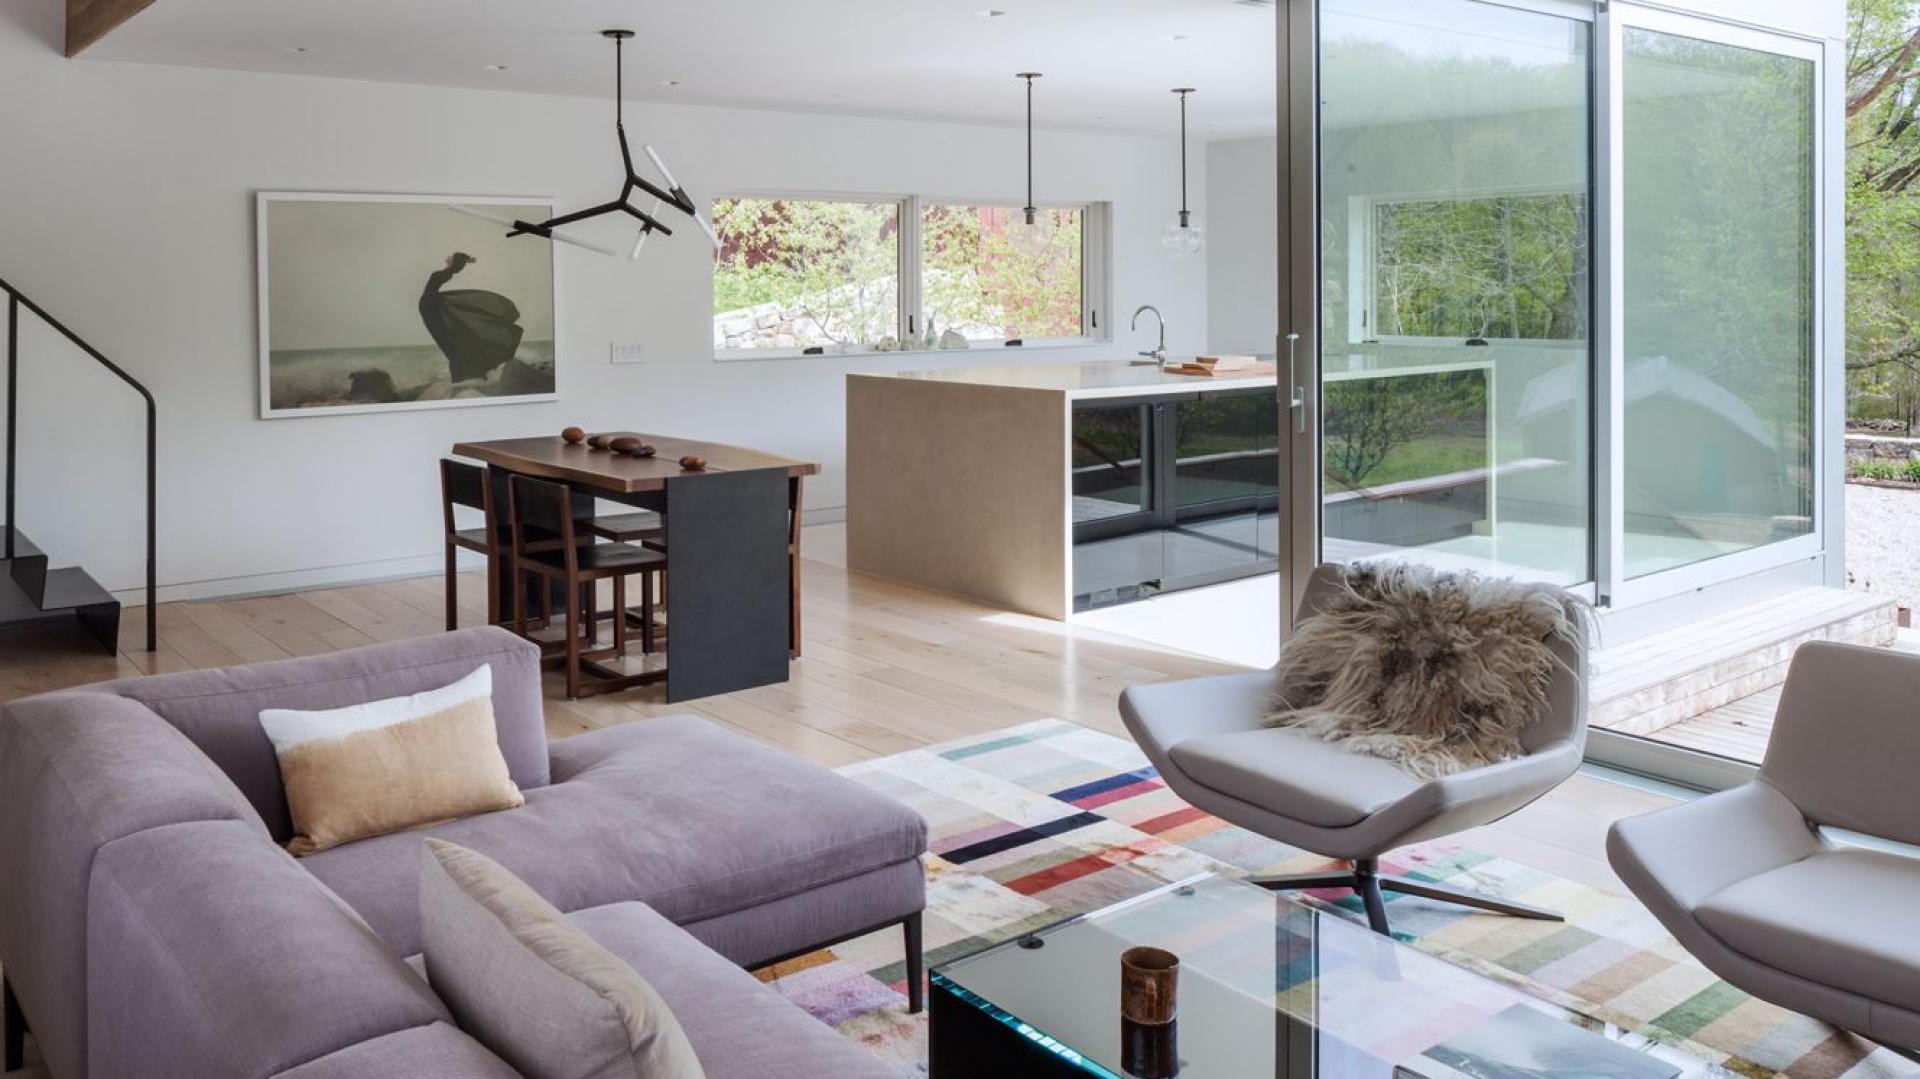 Serce domu stanowi otwarta strefa dzienna, w której skład wchodzi elegancki salon urządzony w szarościach, niewielka jadalnia oraz kuchnia z ogromną wyspą. Projekt: Sharon Davis Design. Fot. Elizabeth Felicella